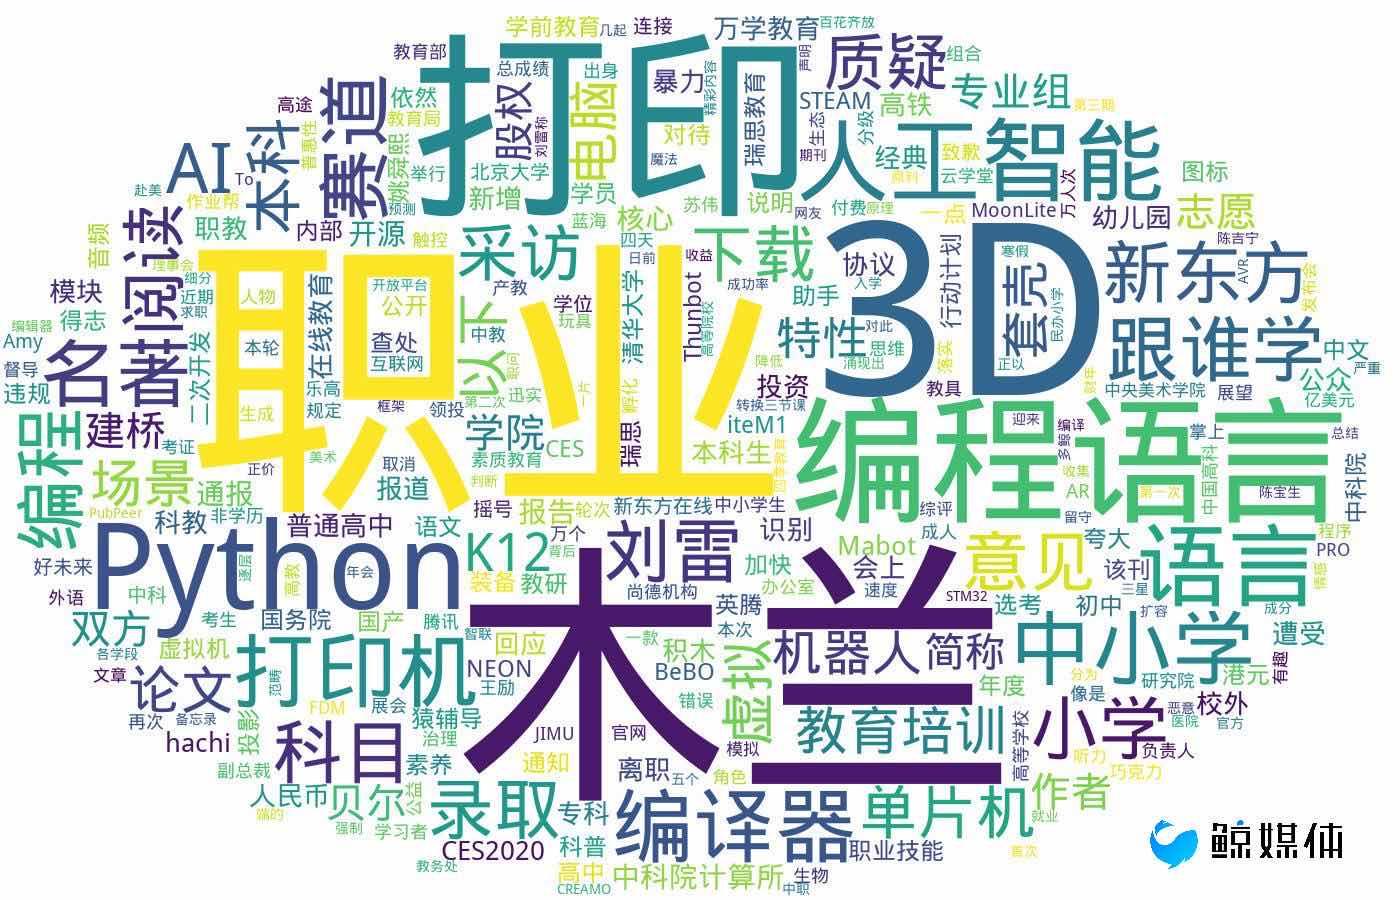 【鯨媒體早報】2020 年北京新高考方案出爐 高考時間改為 4 天;